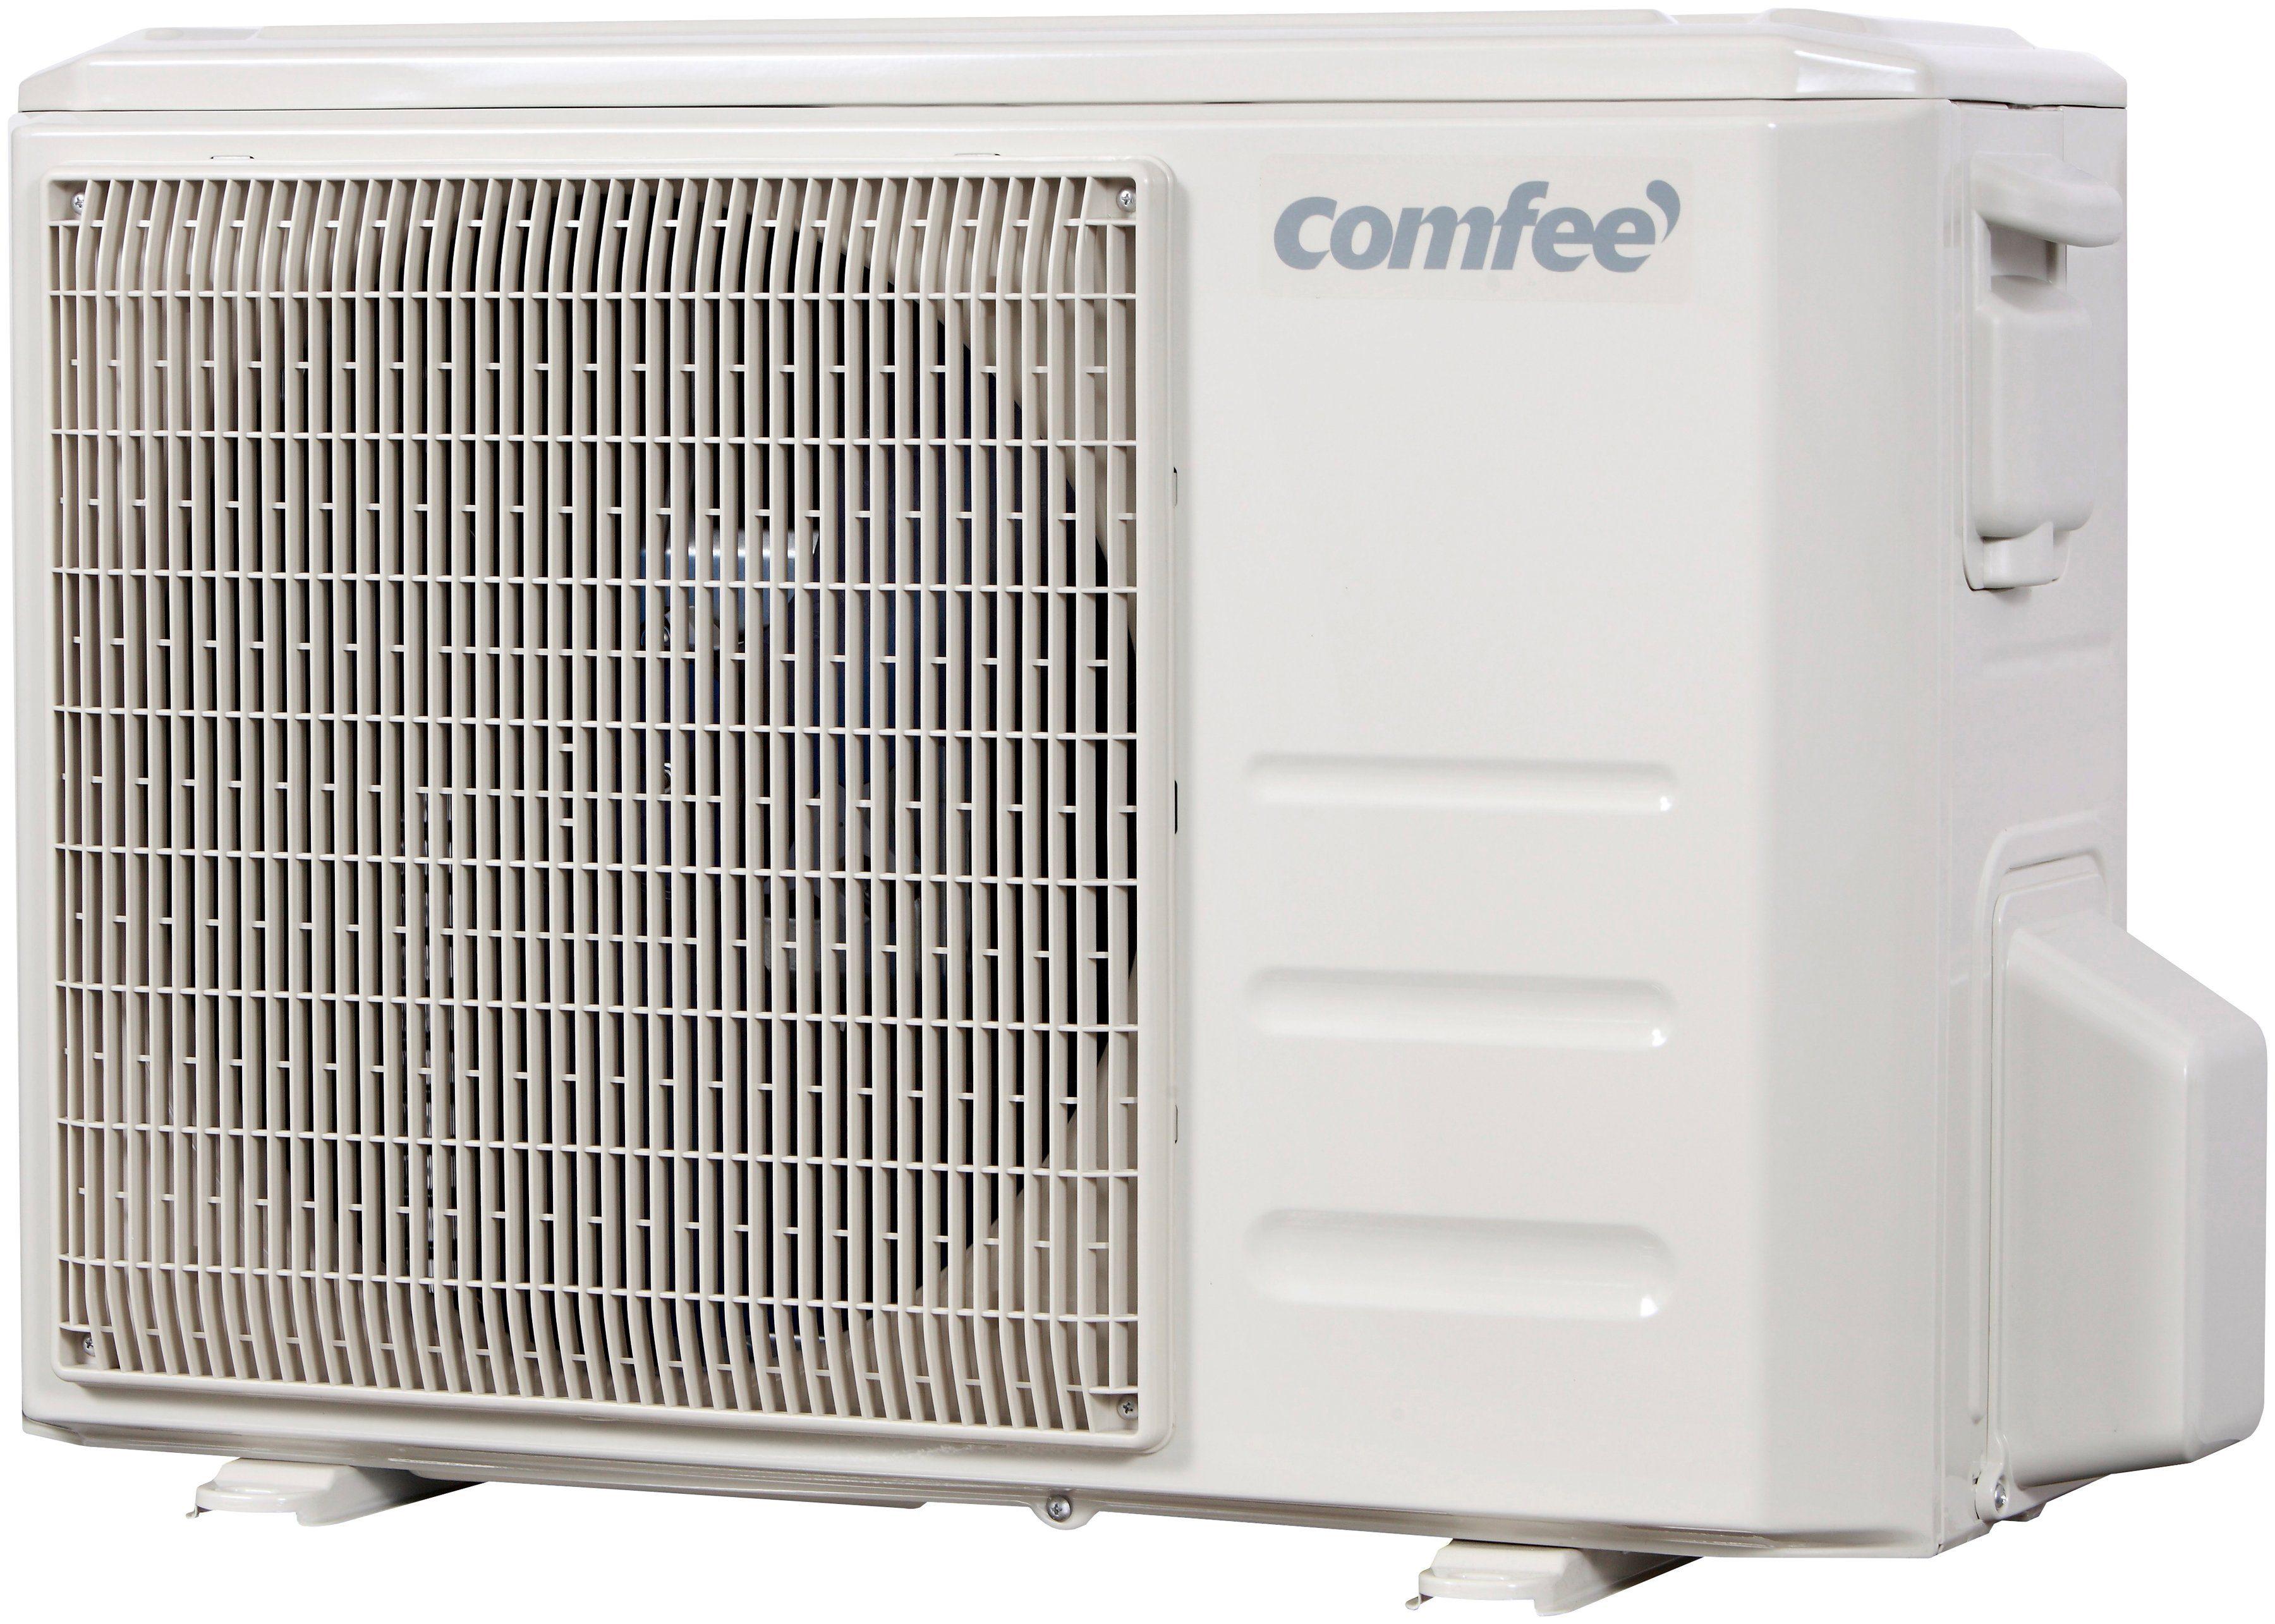 COMFEE Klimagerät »MSR23-18HRDN1-QE/AF«, mit Fernbedienung